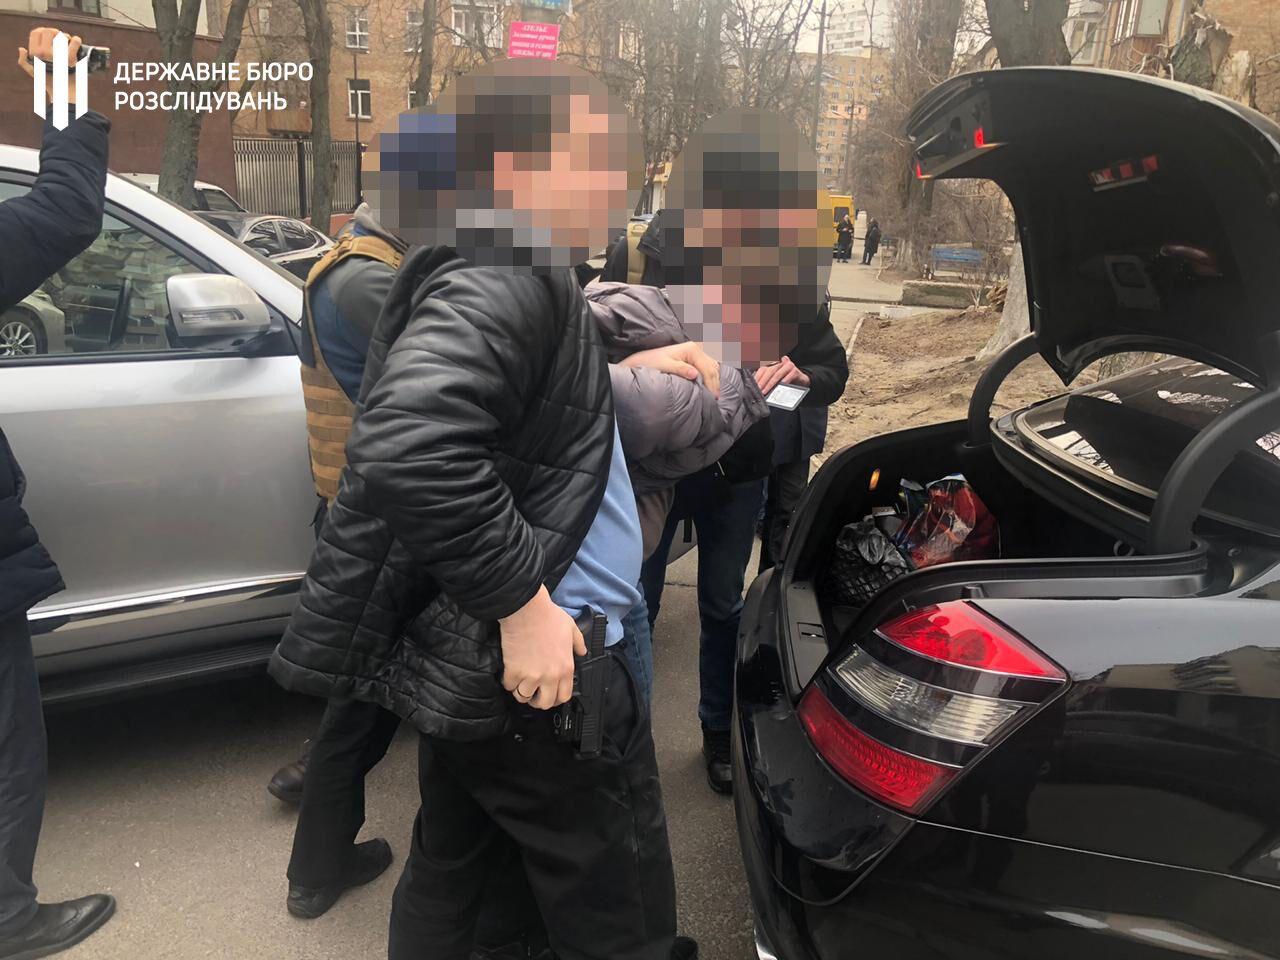 В Киеве во взяточничестве задержали руководителя госпредприятия